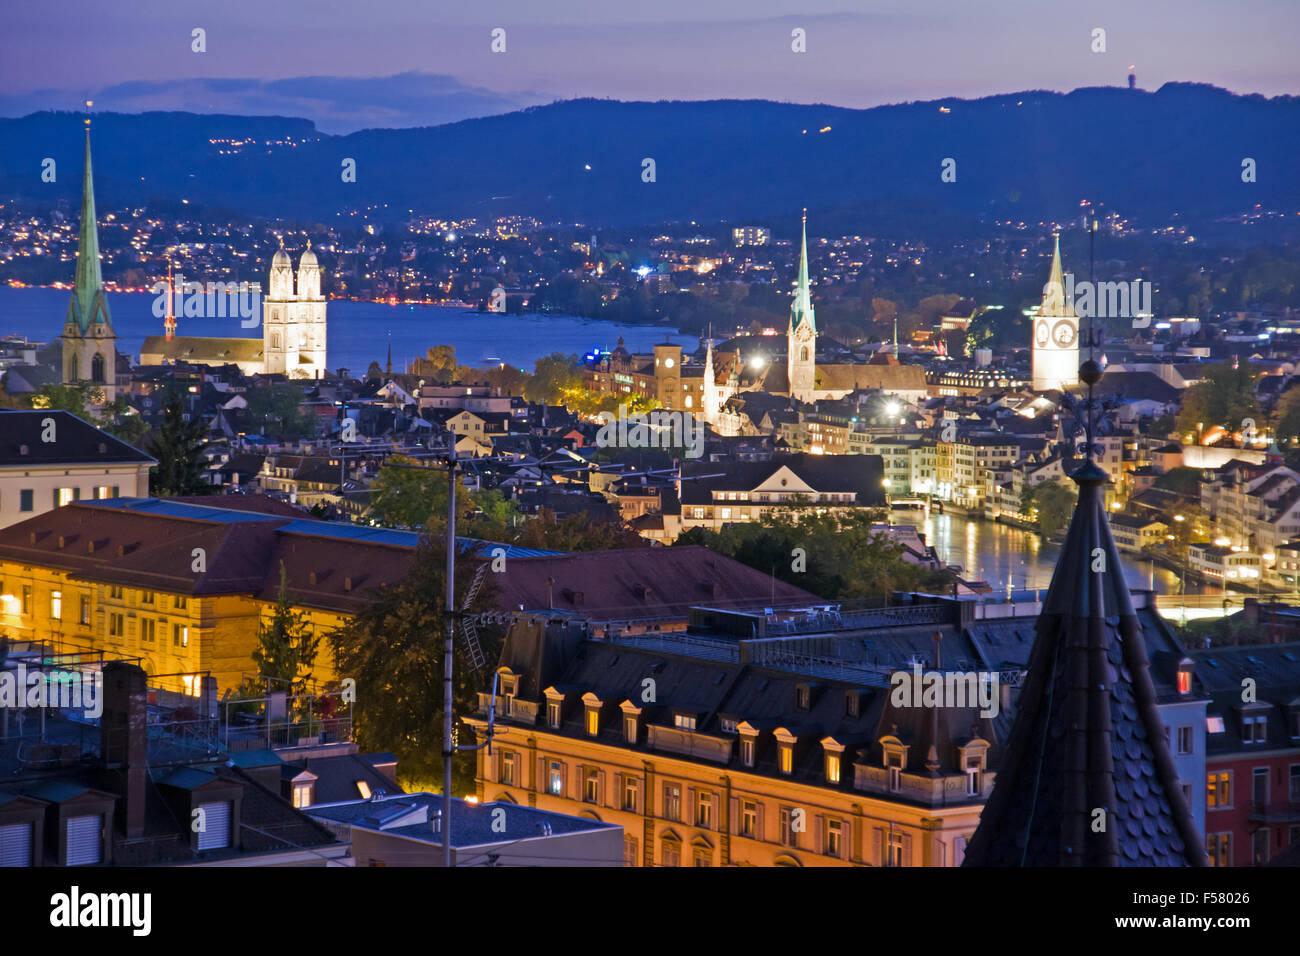 Ein Blick auf schöne Zürich bei Nacht Stockbild